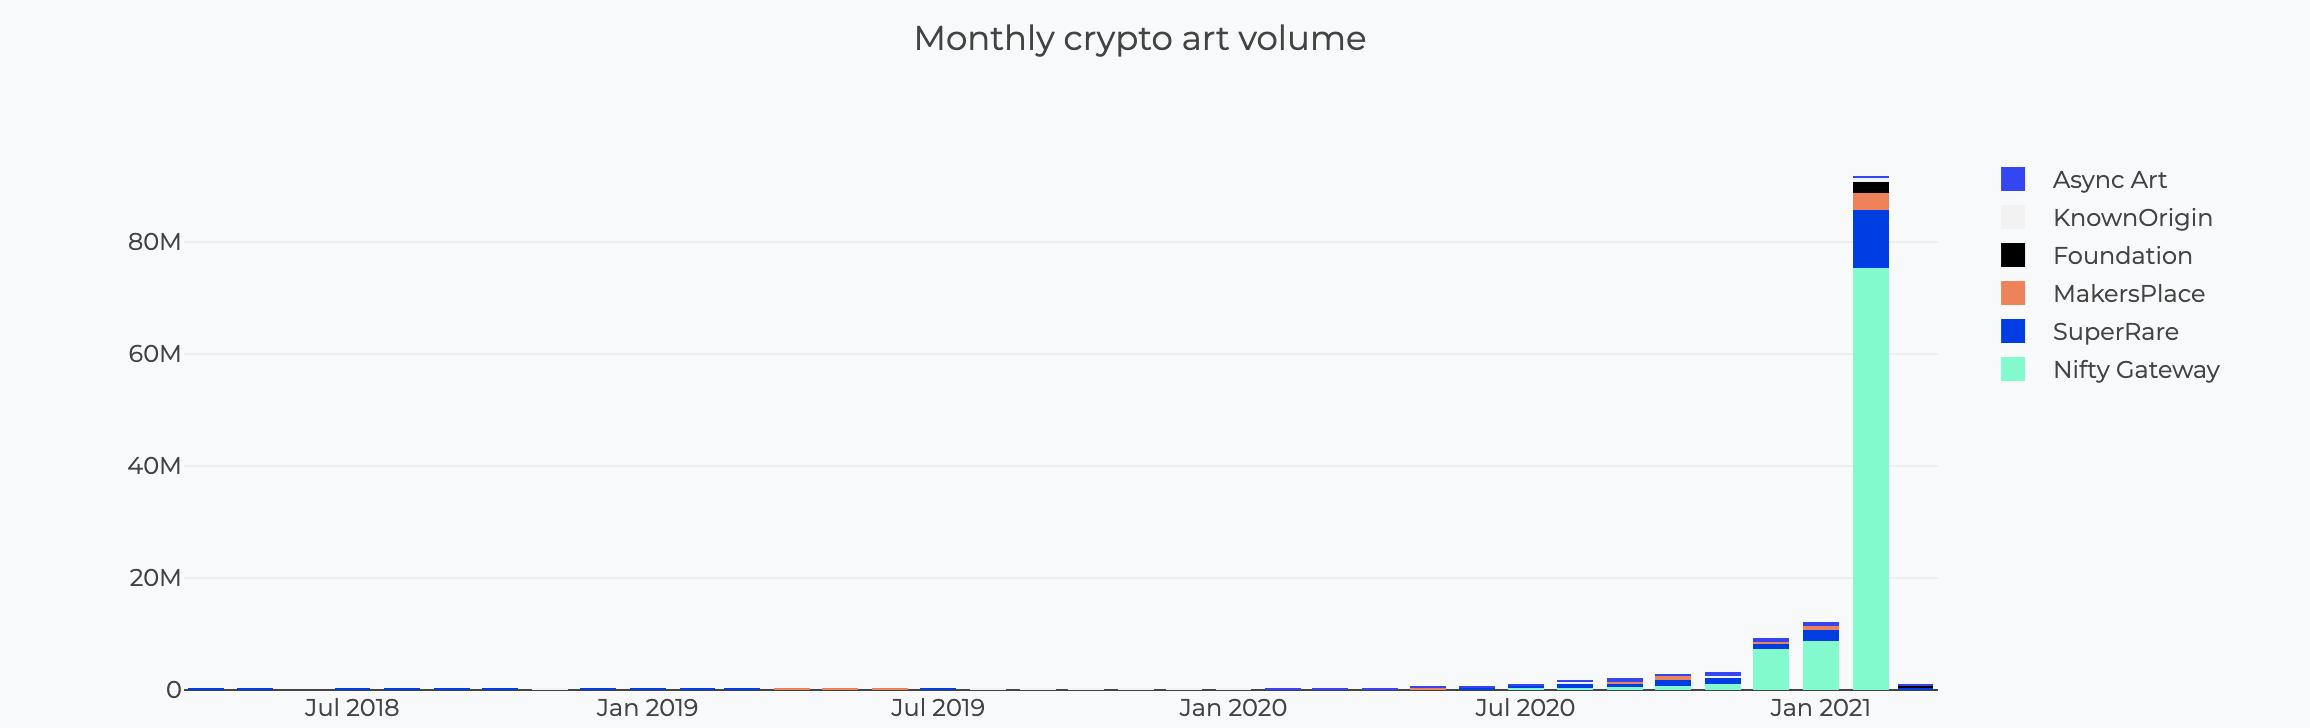 Monthly Crypto Art Volume